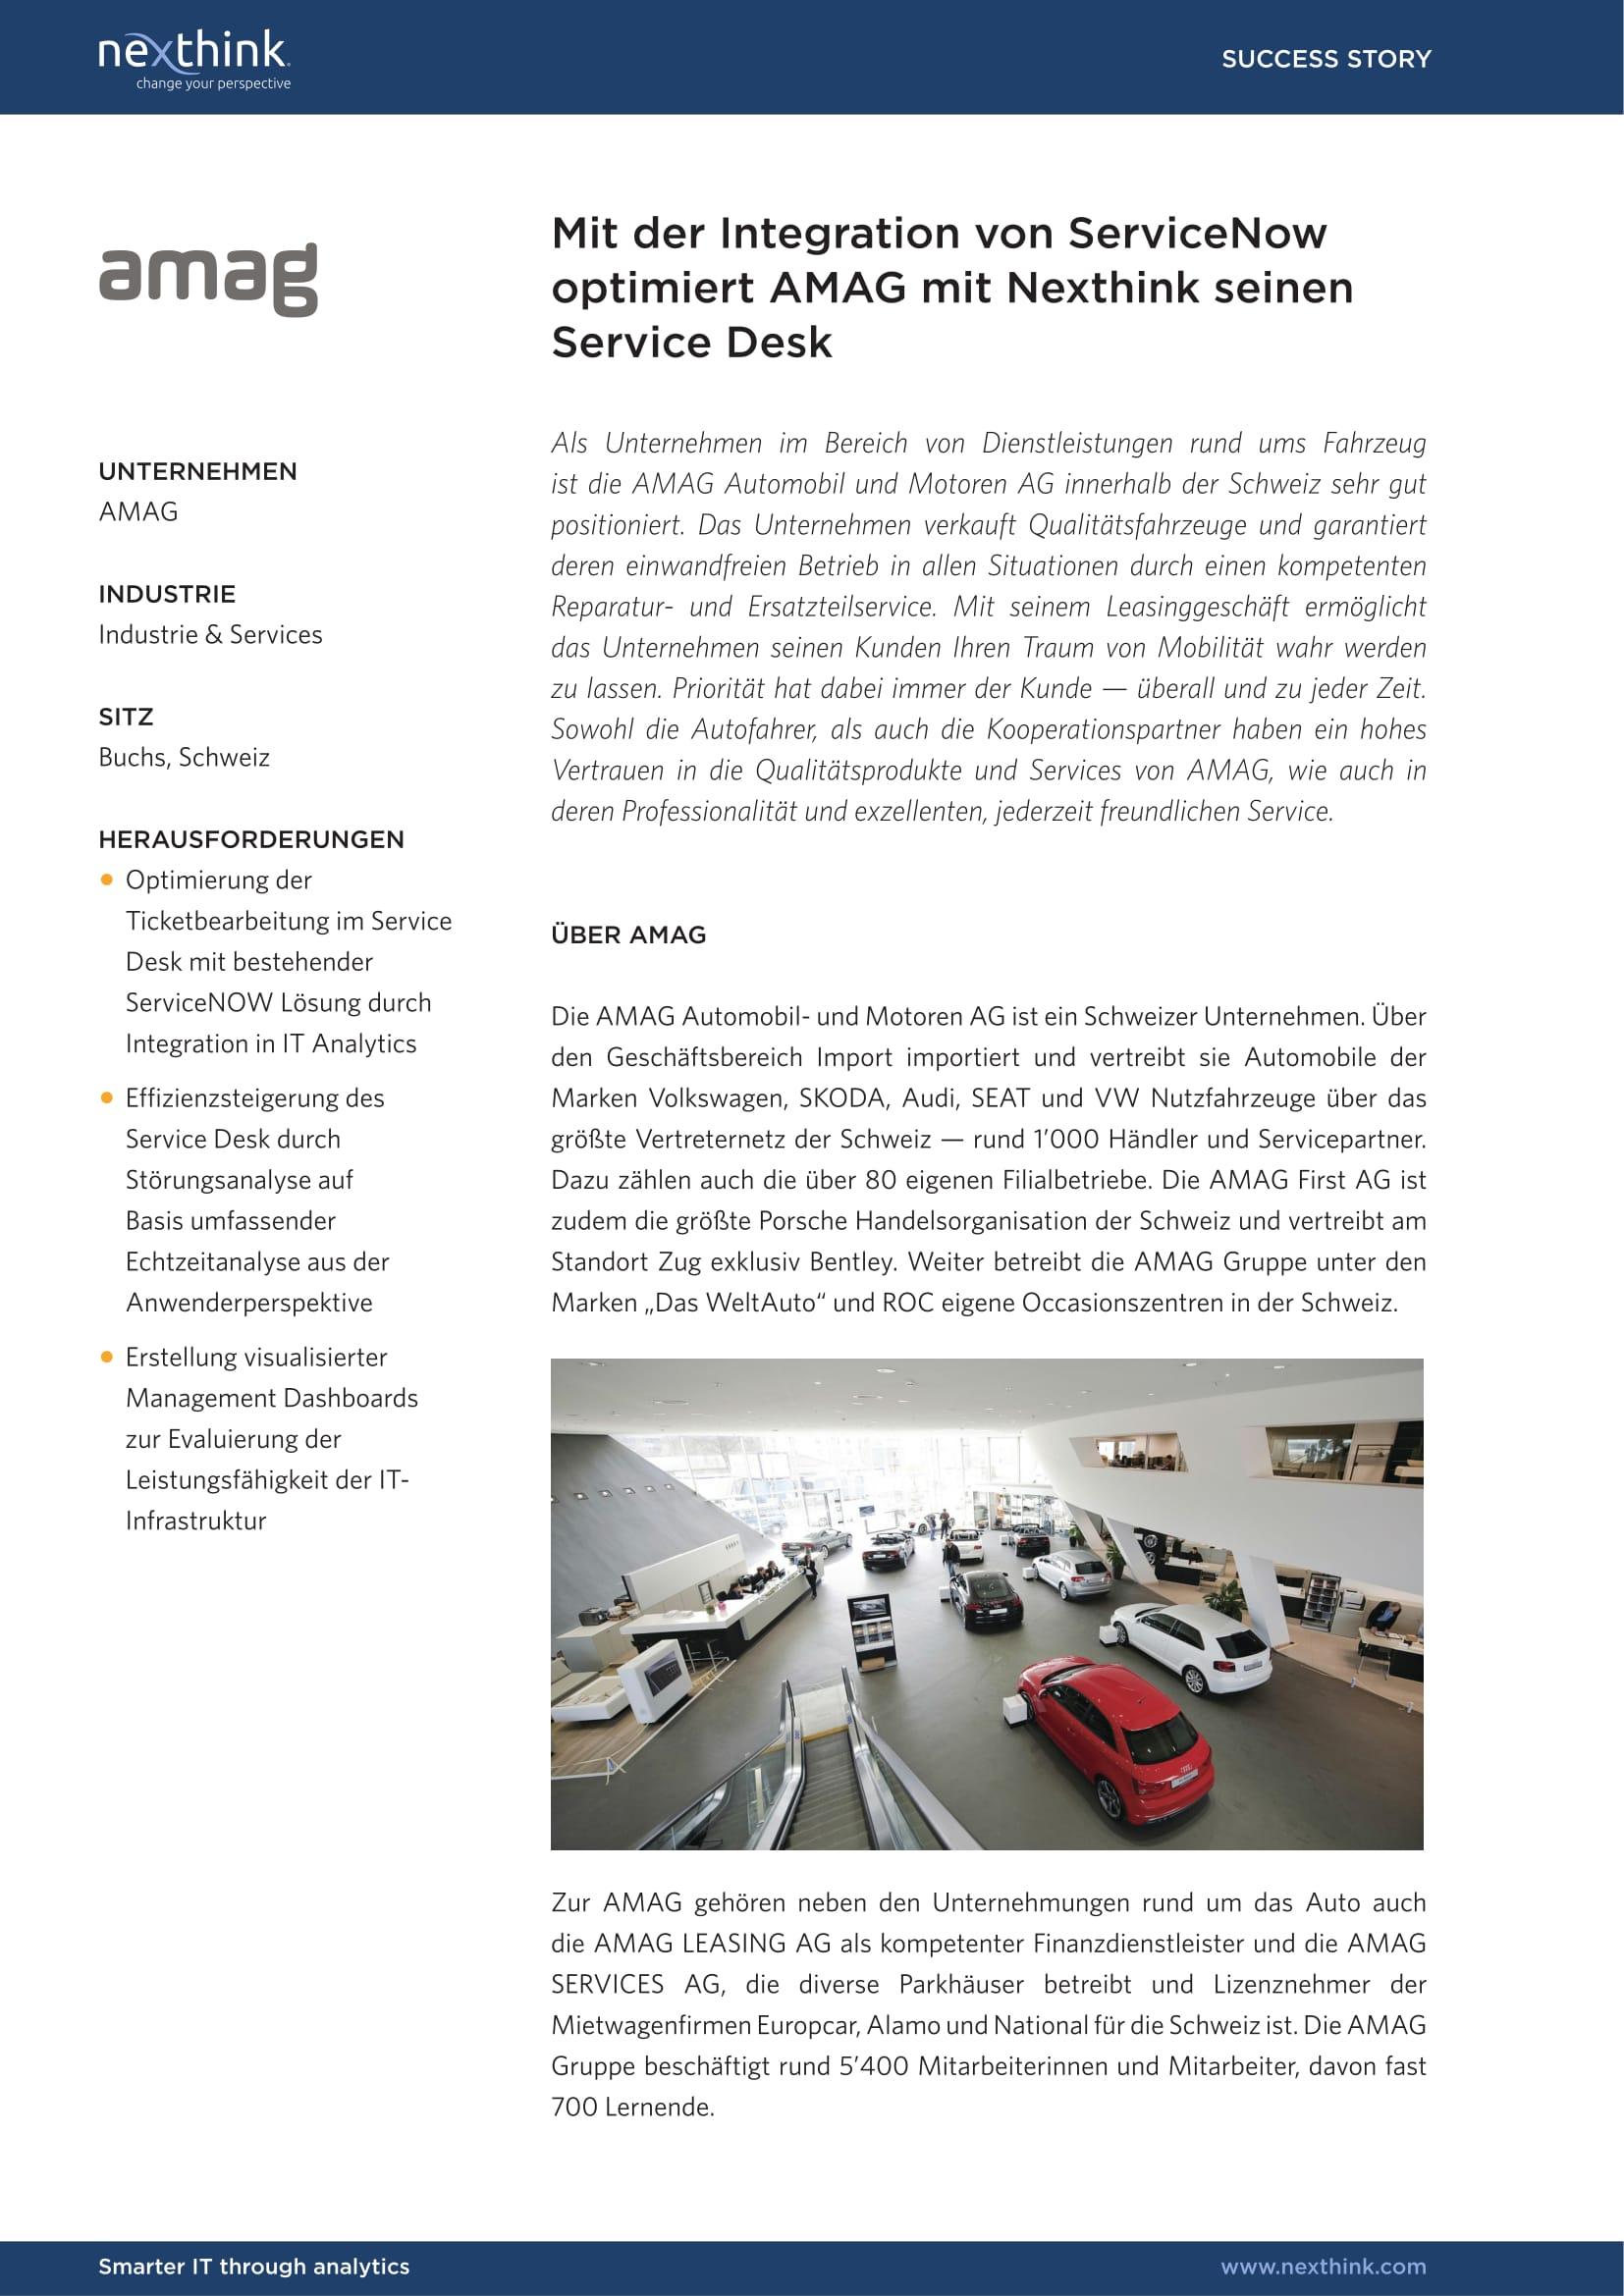 AMAG: Mit der Integration von ServiceNow optimiert AMAG mit Nexthink seinen Service Desk